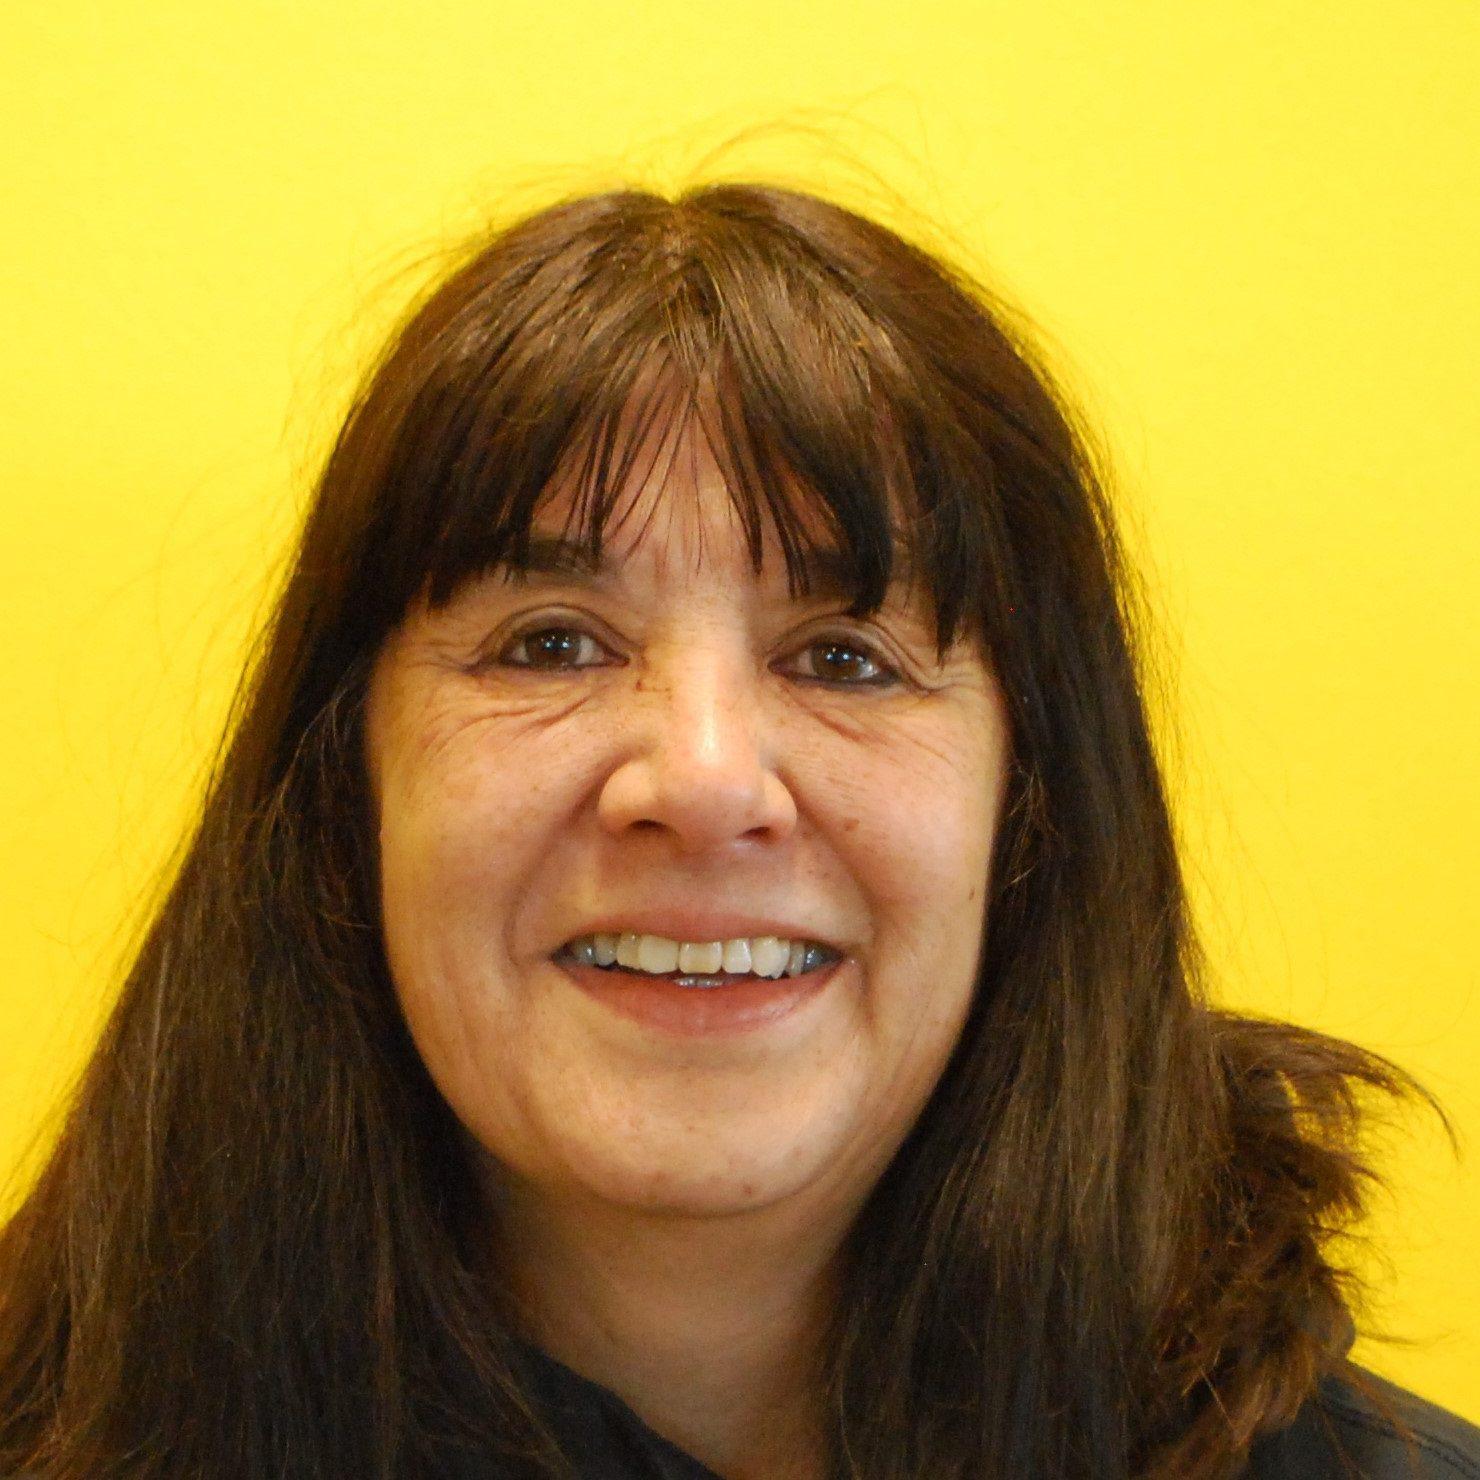 Monica von Grumbkow